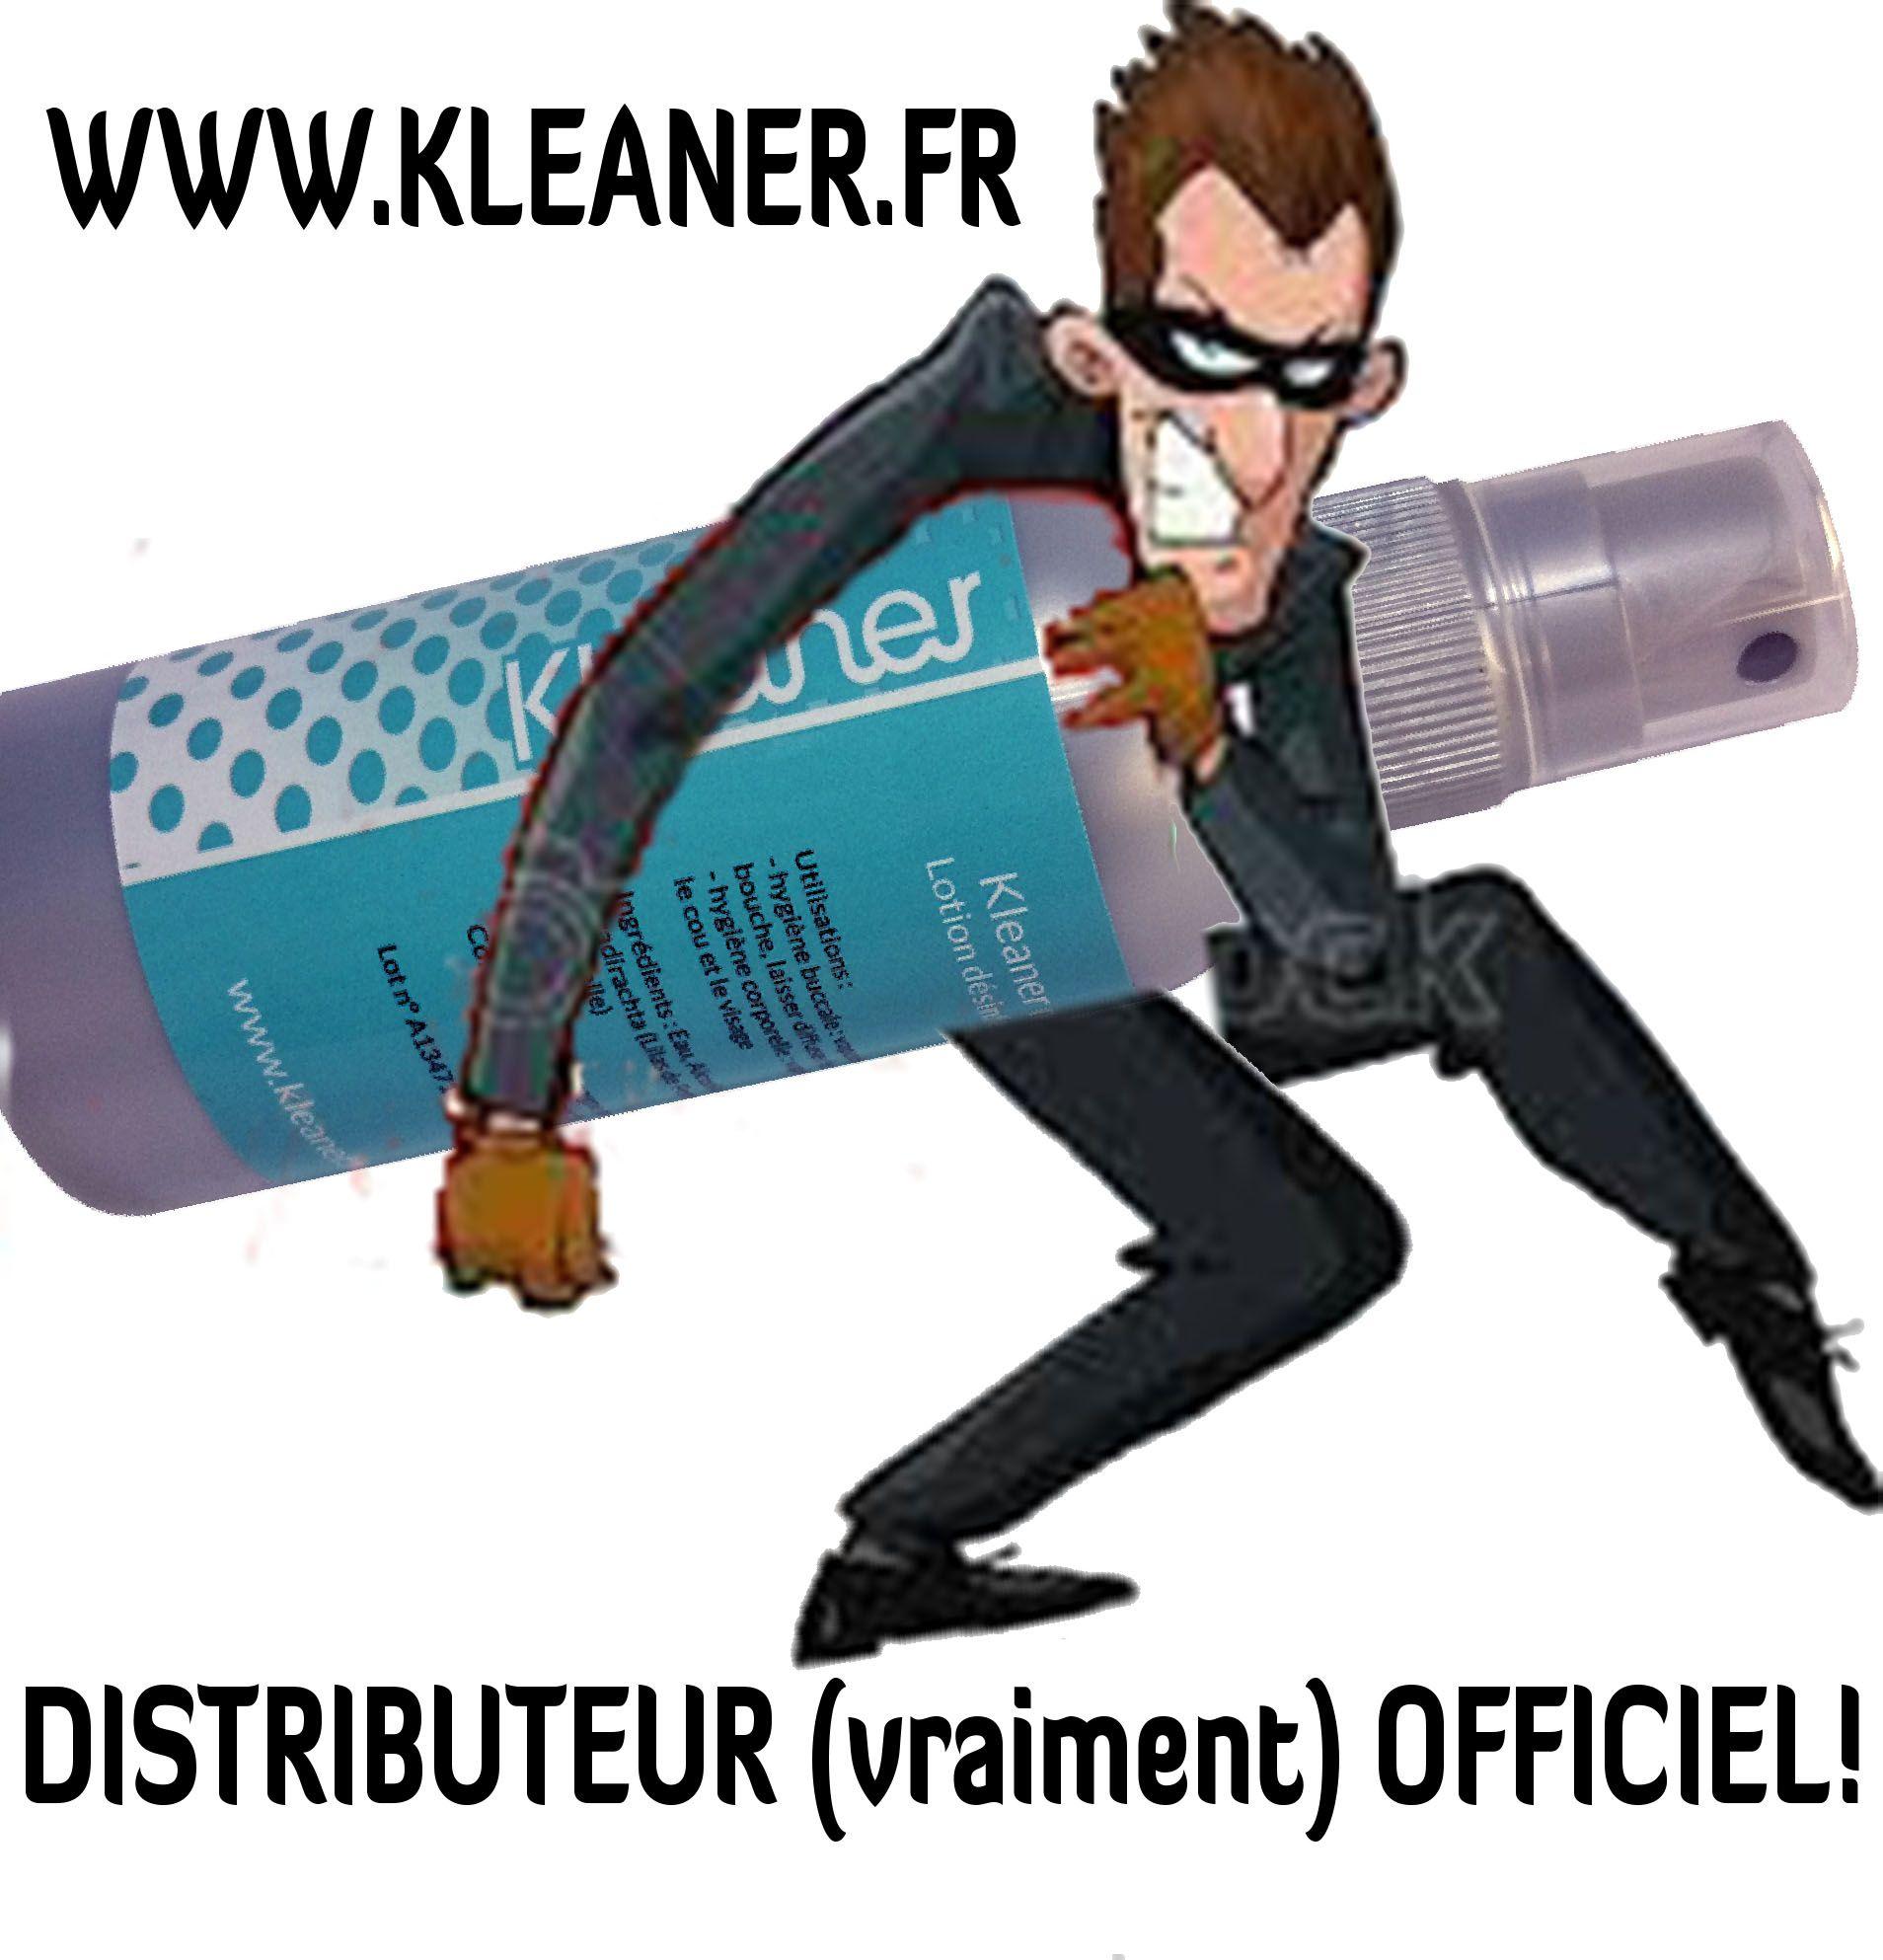 KLEANER.FR est LE distributeur officiel en Europe depuis